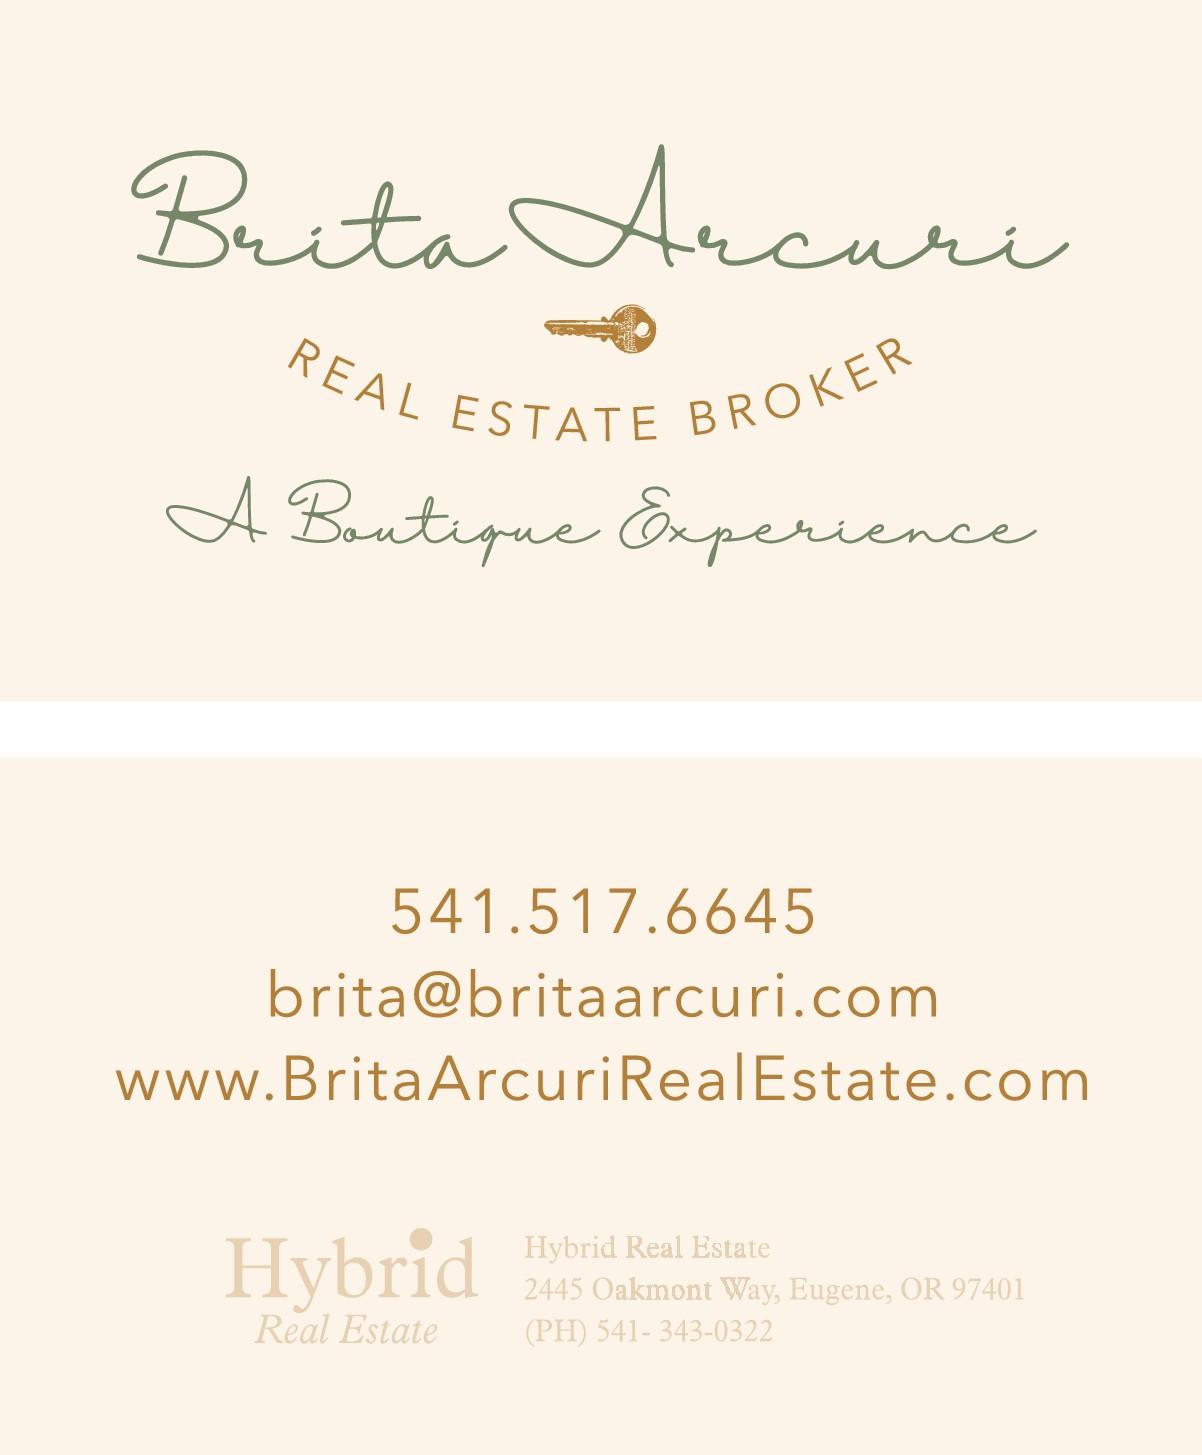 britaarcuri Business Card